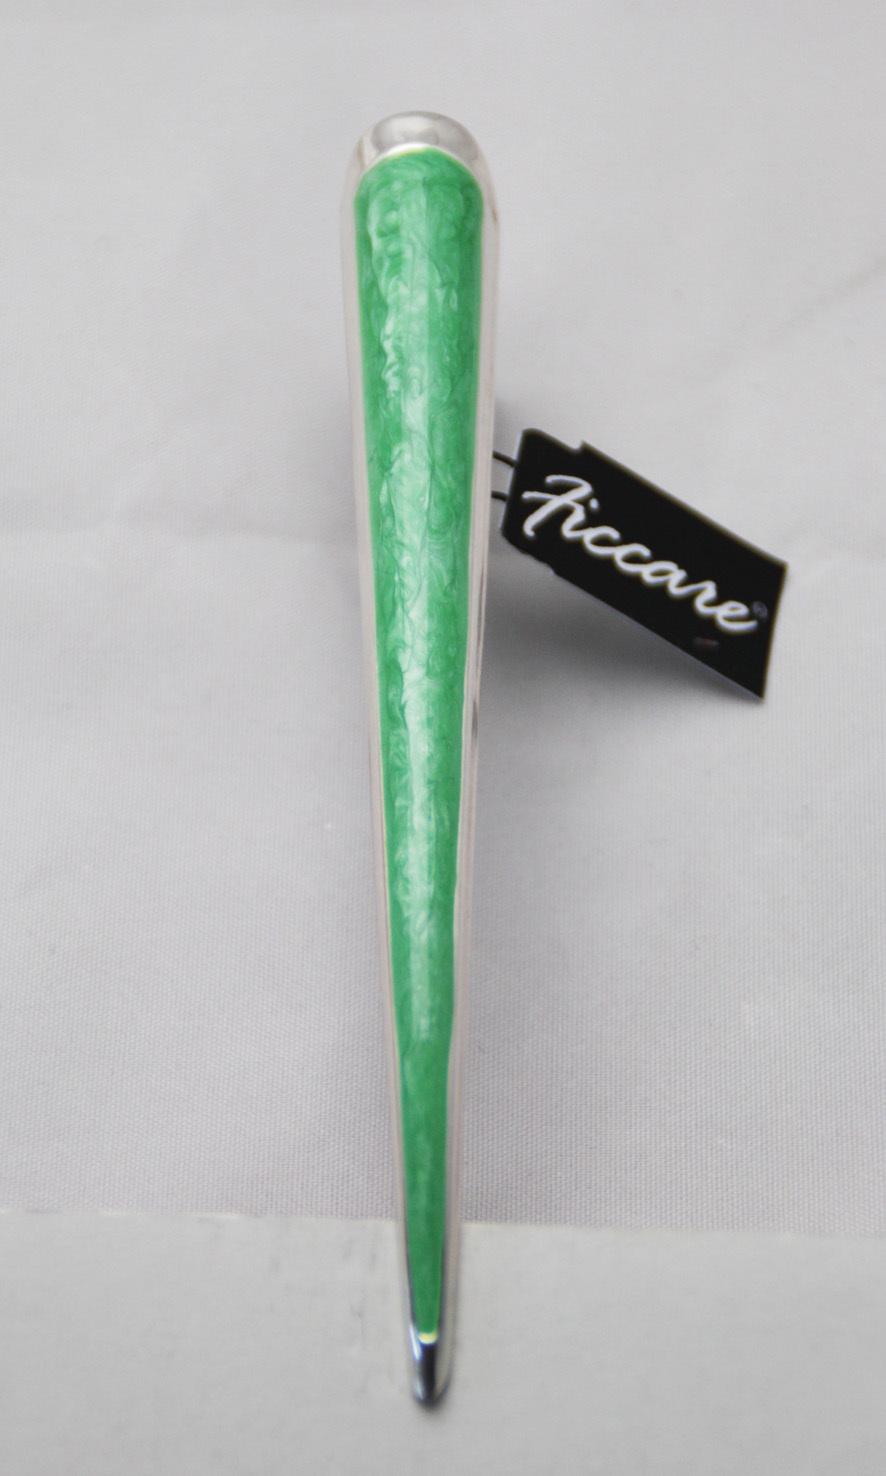 ficcare medium border innovation clip bright green